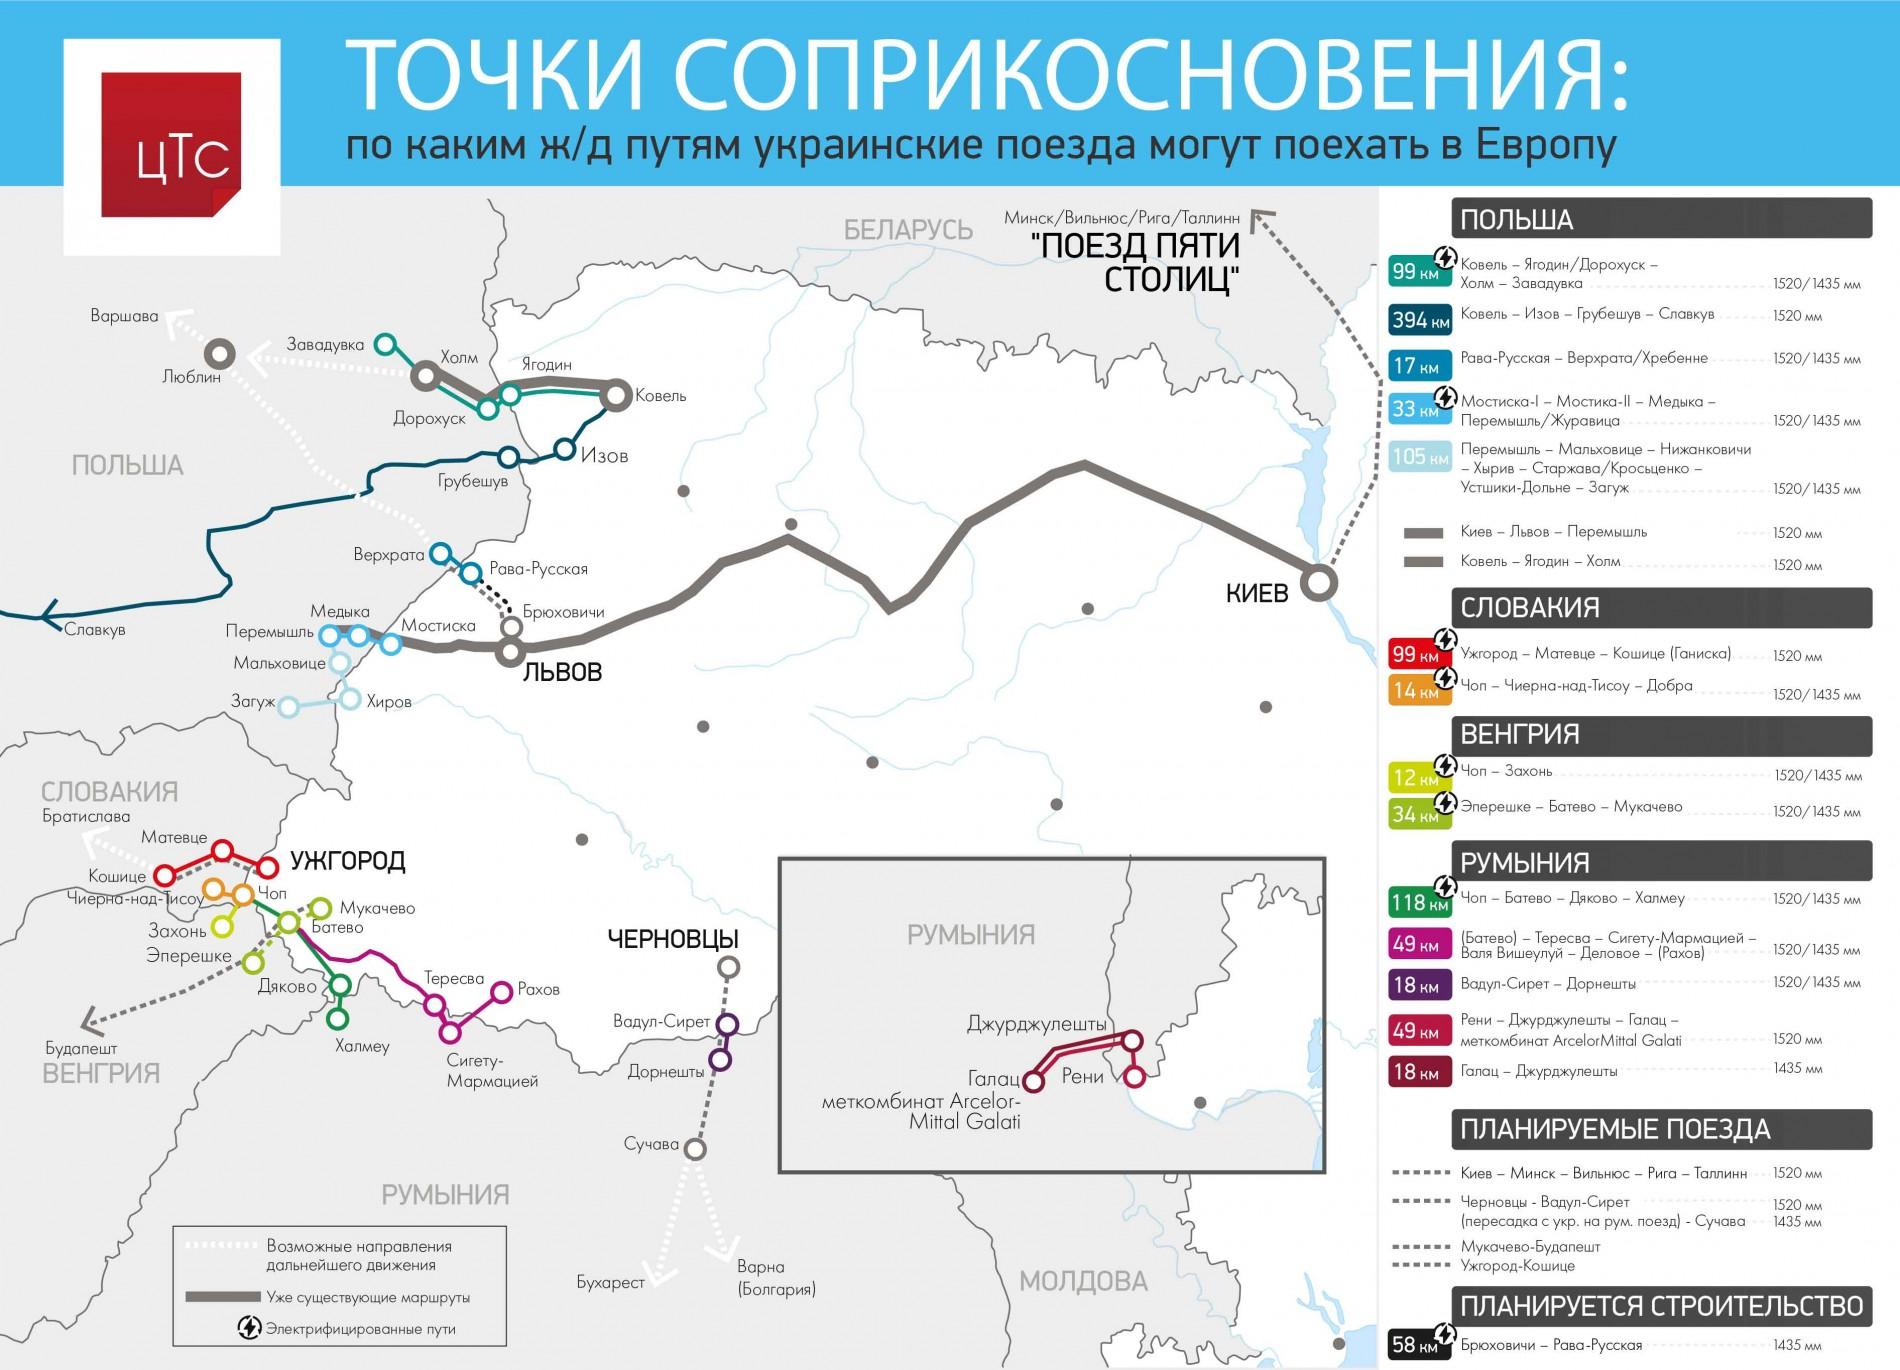 По каким ж/д путям украинские поезда могут поехать в Европу